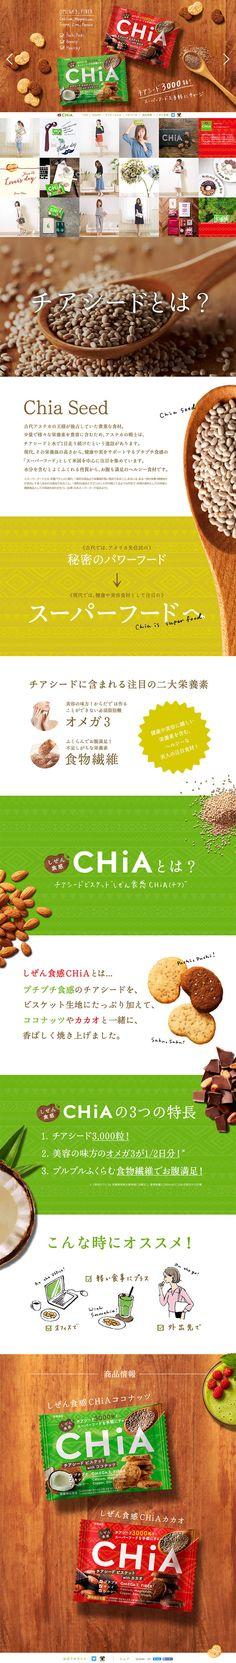 しぜん食感 CHiA【健康・美容食品関連】のLPデザイン。WEBデザイナーさん必見!ランディングページのデザイン参考に(かわいい系)